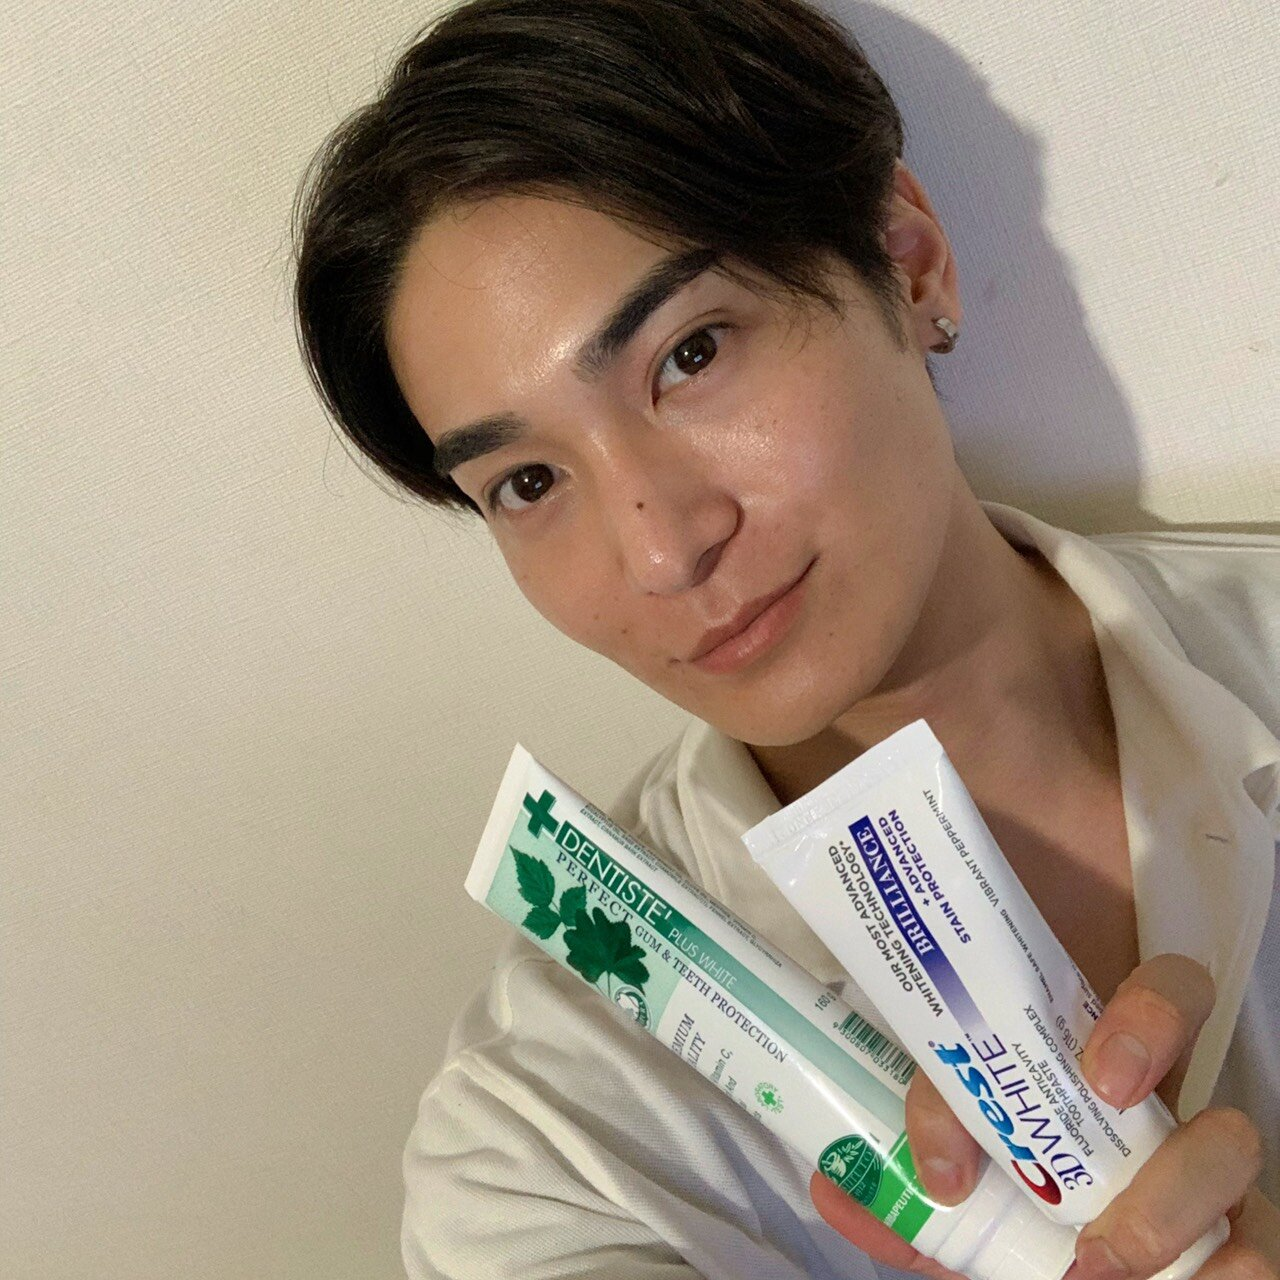 歯への美意識ちゃんと持ってる?俳優 町井祥真 歯磨き粉のススメ